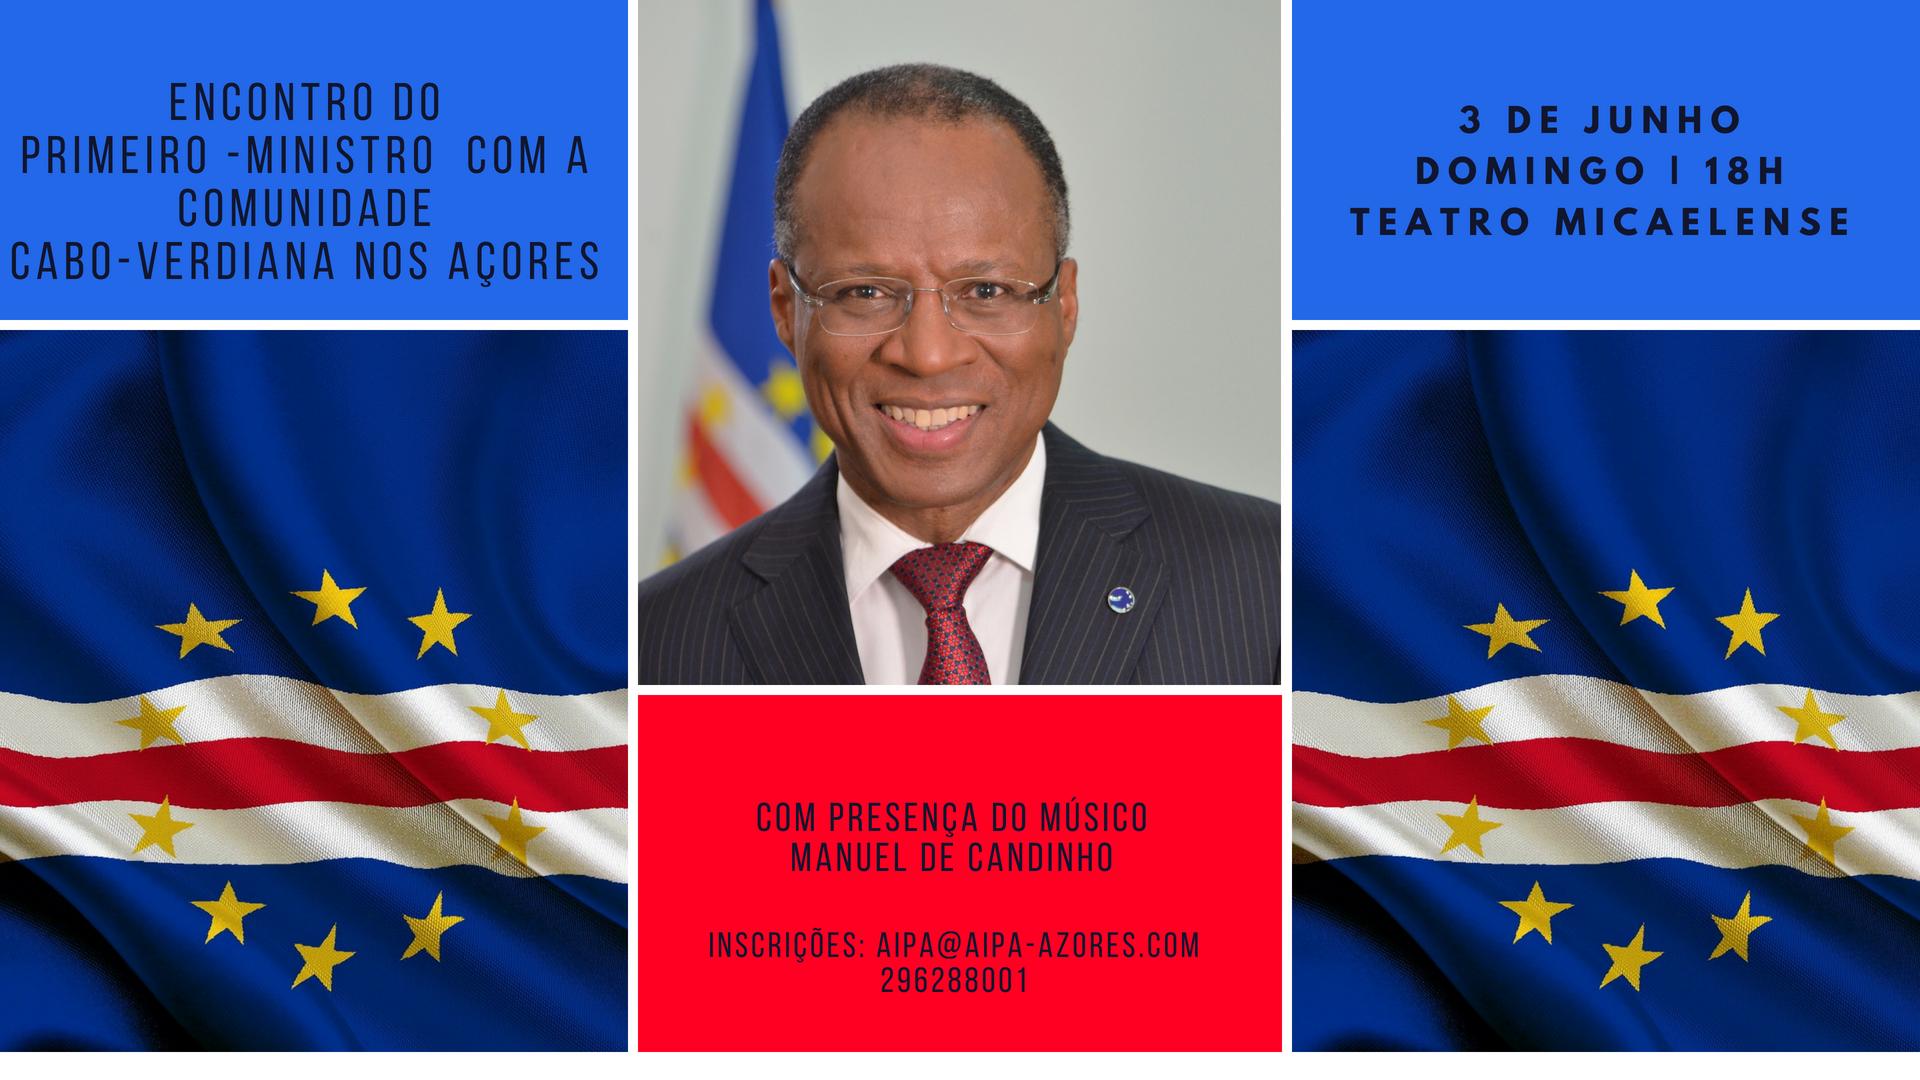 Encontro do PM de Cabo Verde com a comunidade caboverdiana